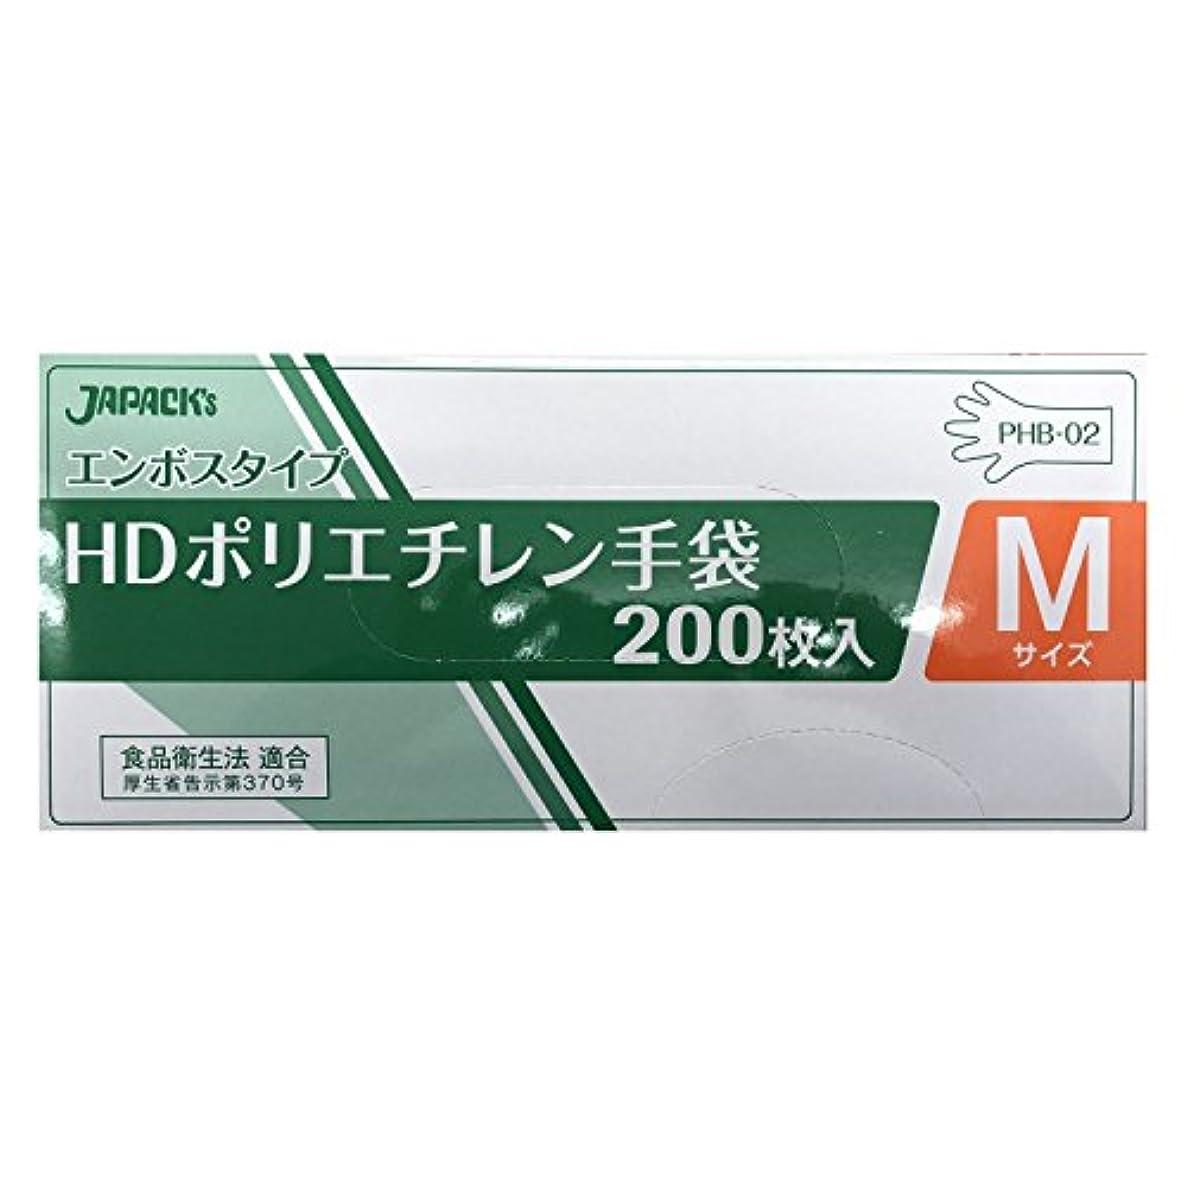 姓ウェブ作曲家エンボスタイプ HDポリエチレン手袋 Mサイズ BOX 200枚入 無着色 PHB-02